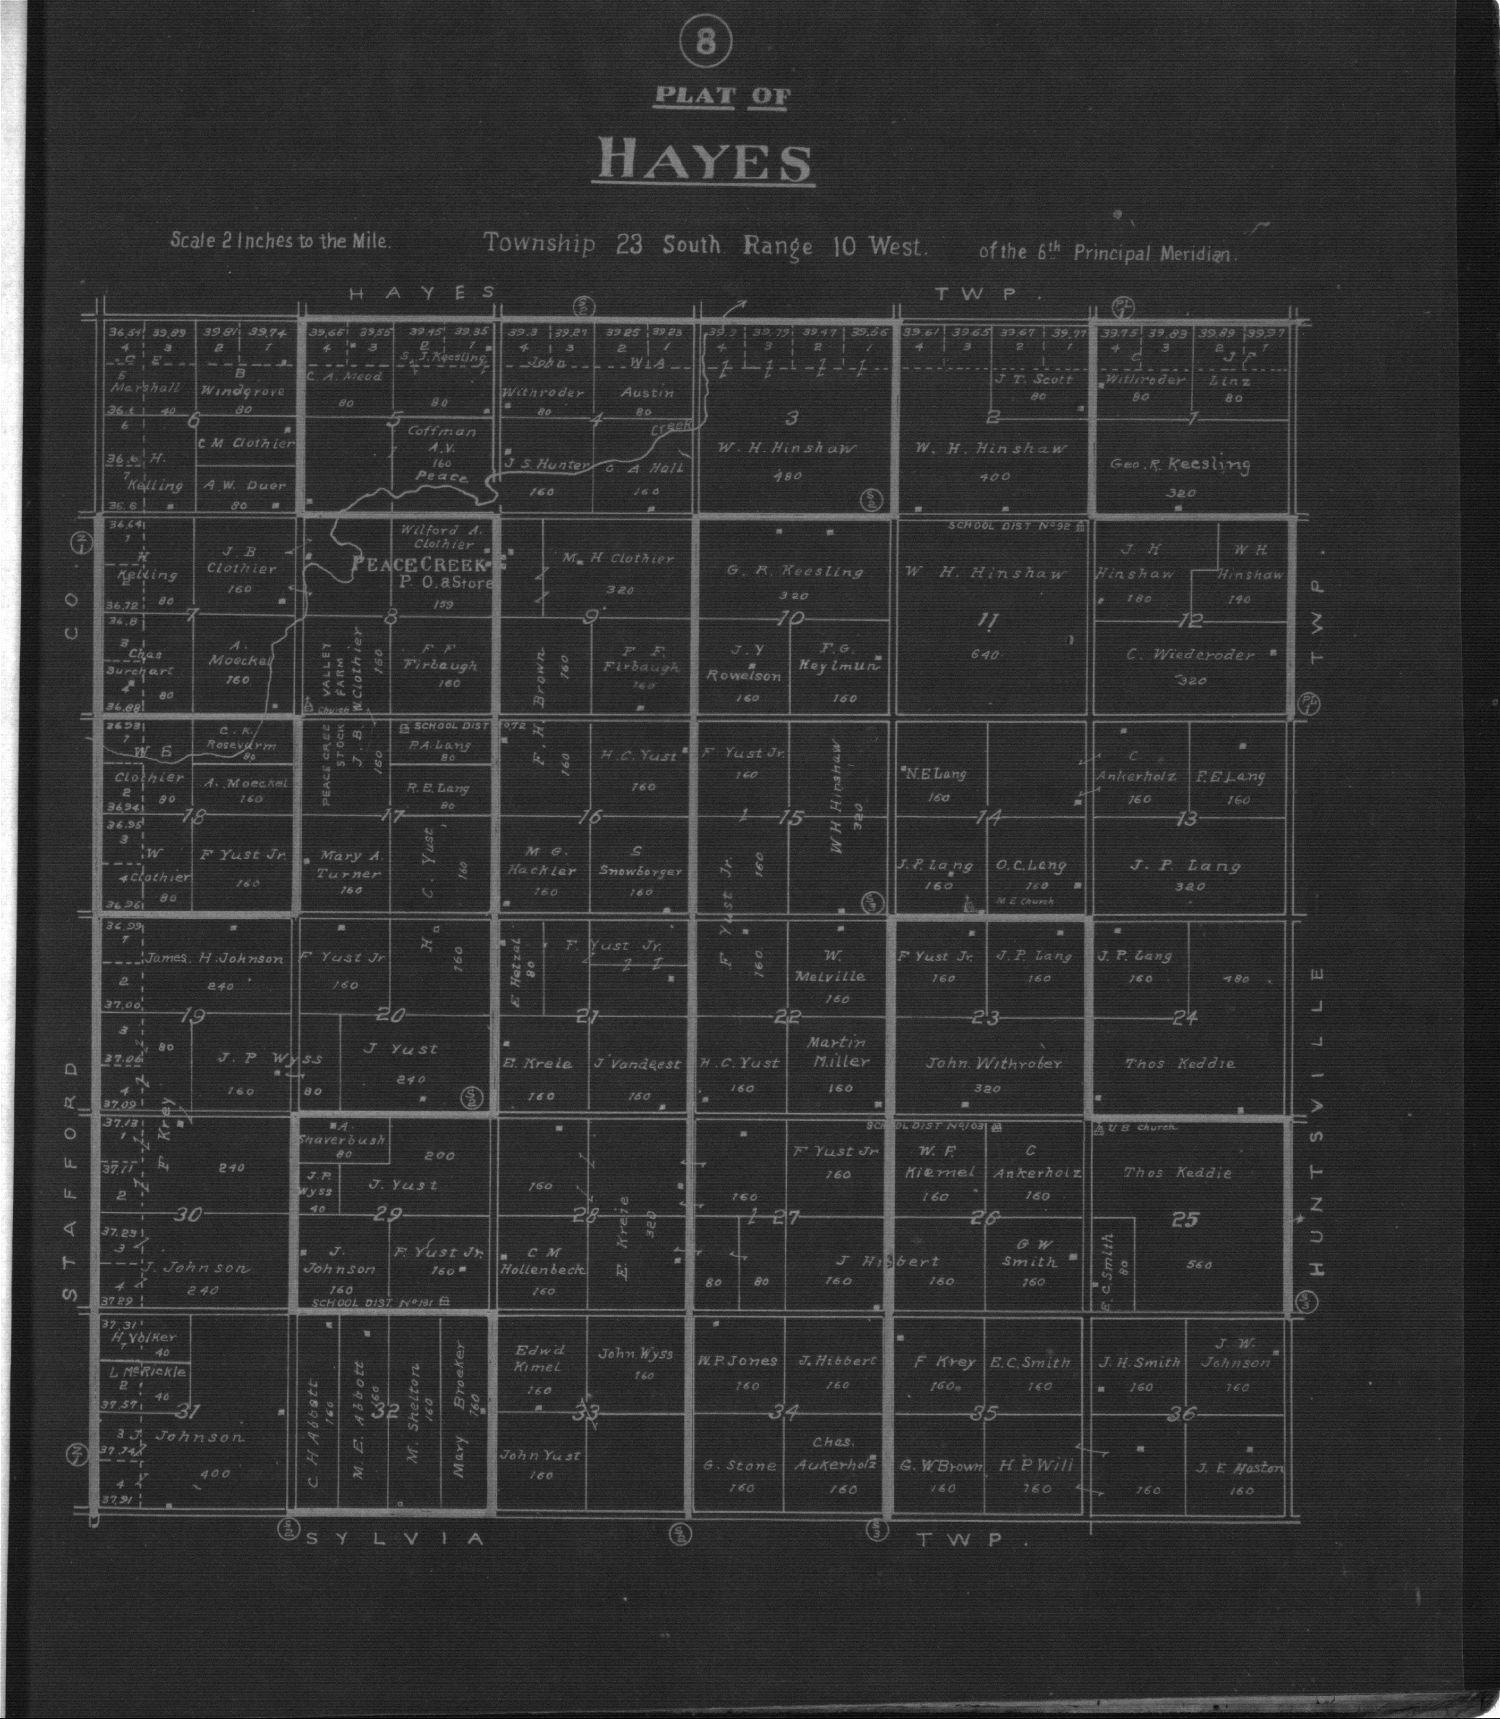 Plat book of Reno County, Kansas - 8